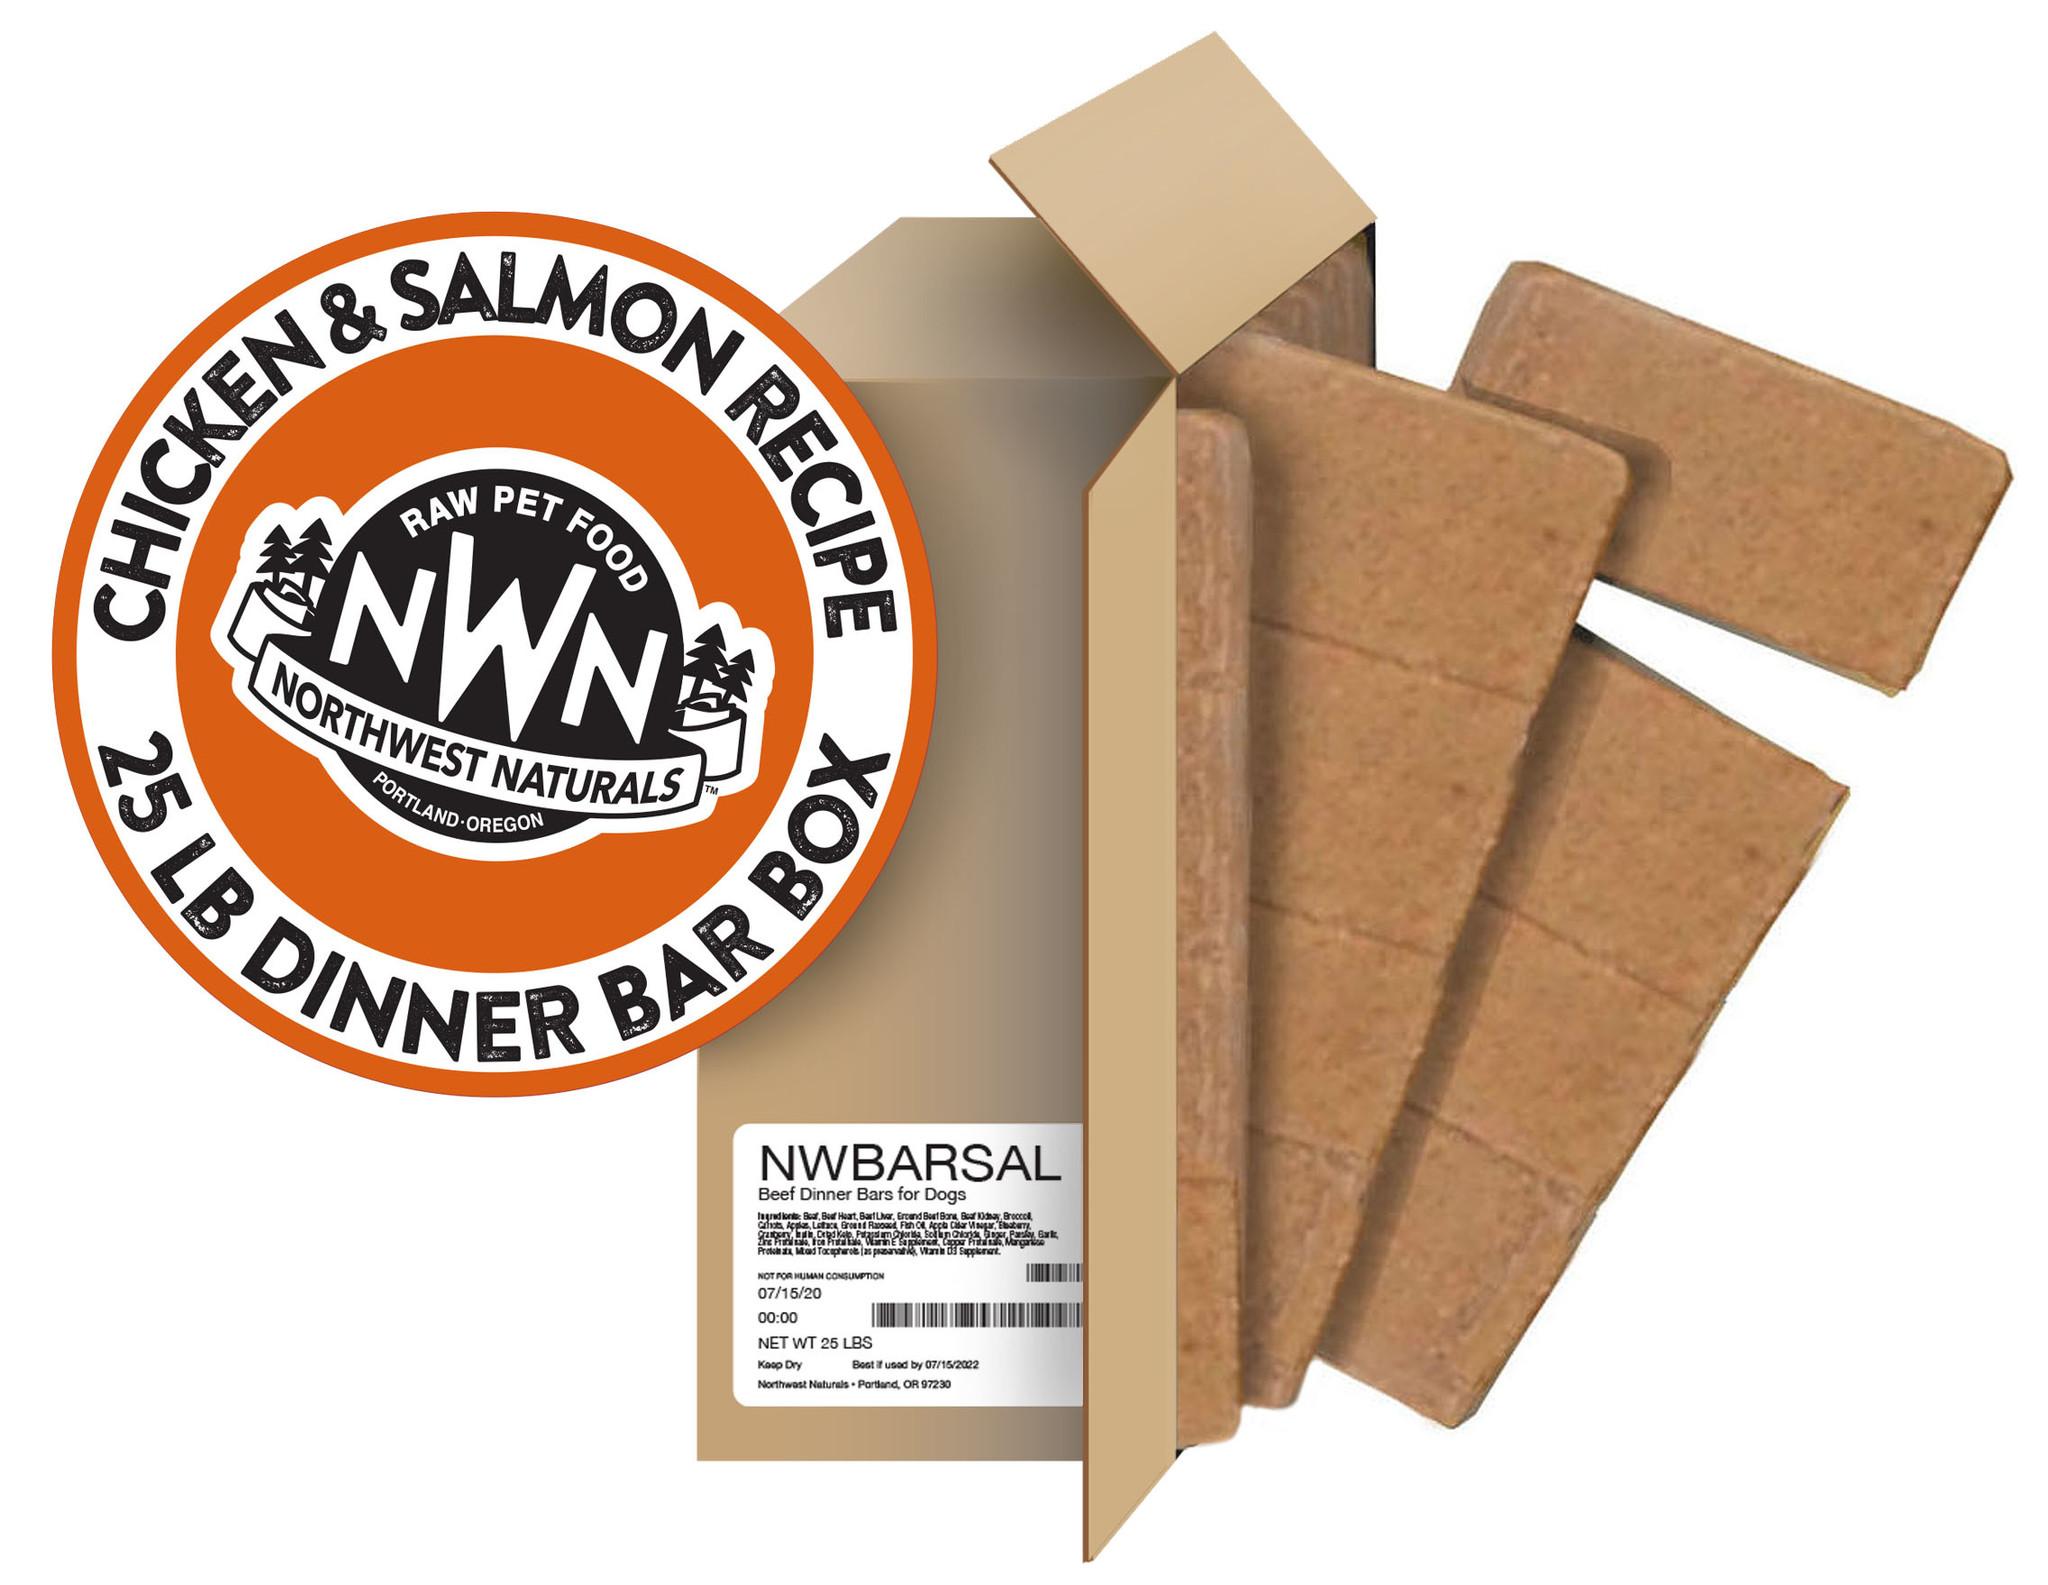 Northwest Naturals Northwest Naturals Chicken & Salmon Raw Dog Food